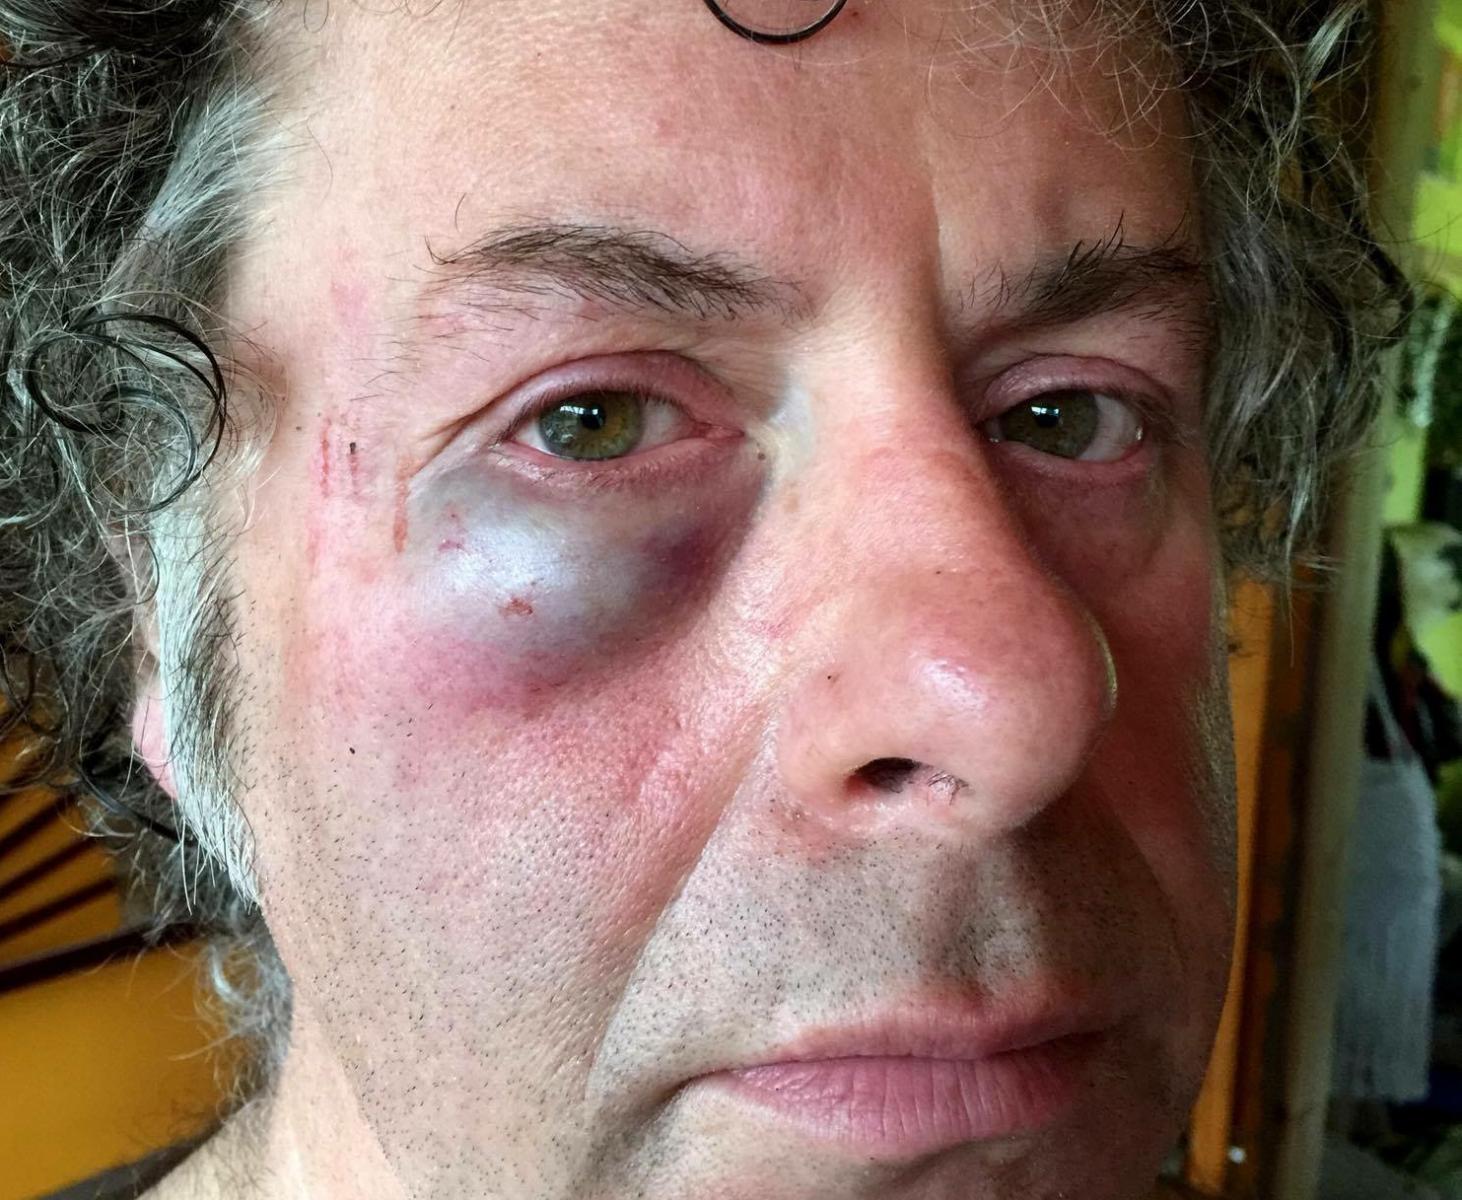 Cruel gang of twenty youths brutally ATTACK cyclist